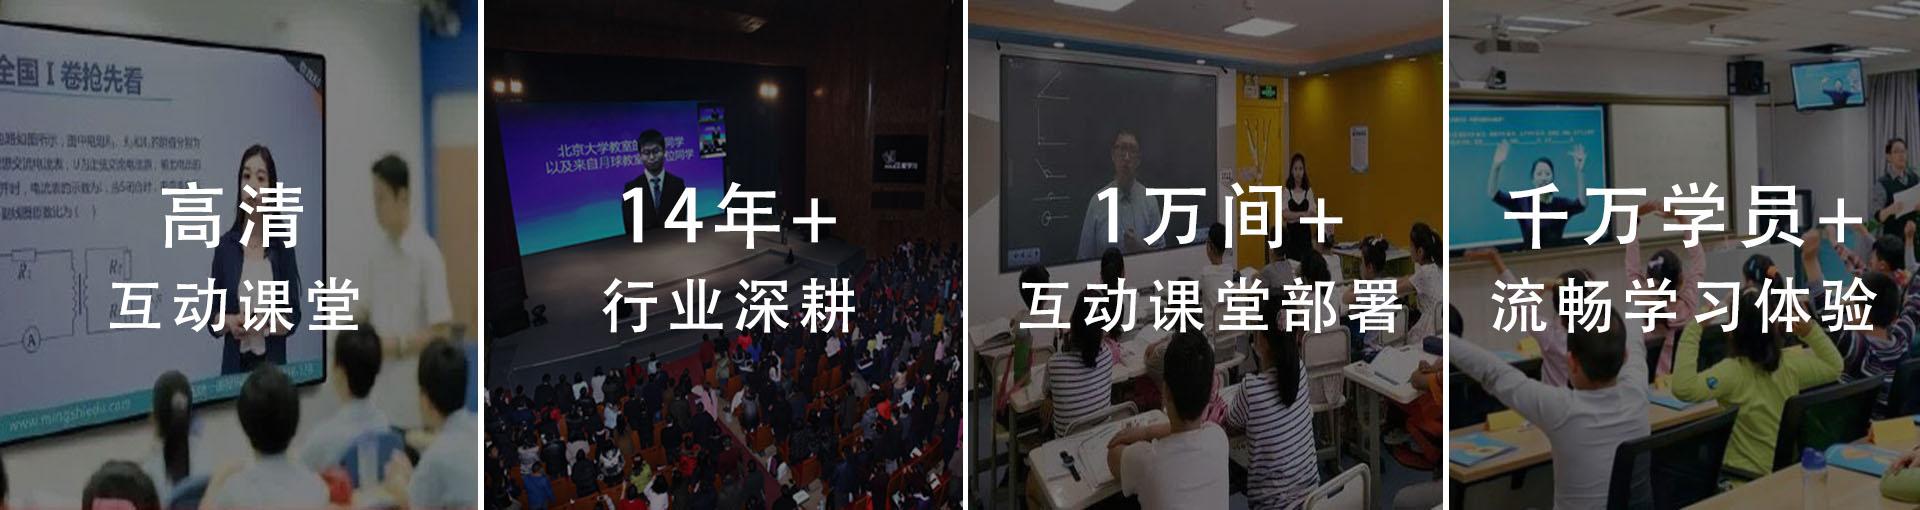 双师课堂技术公司.jpg